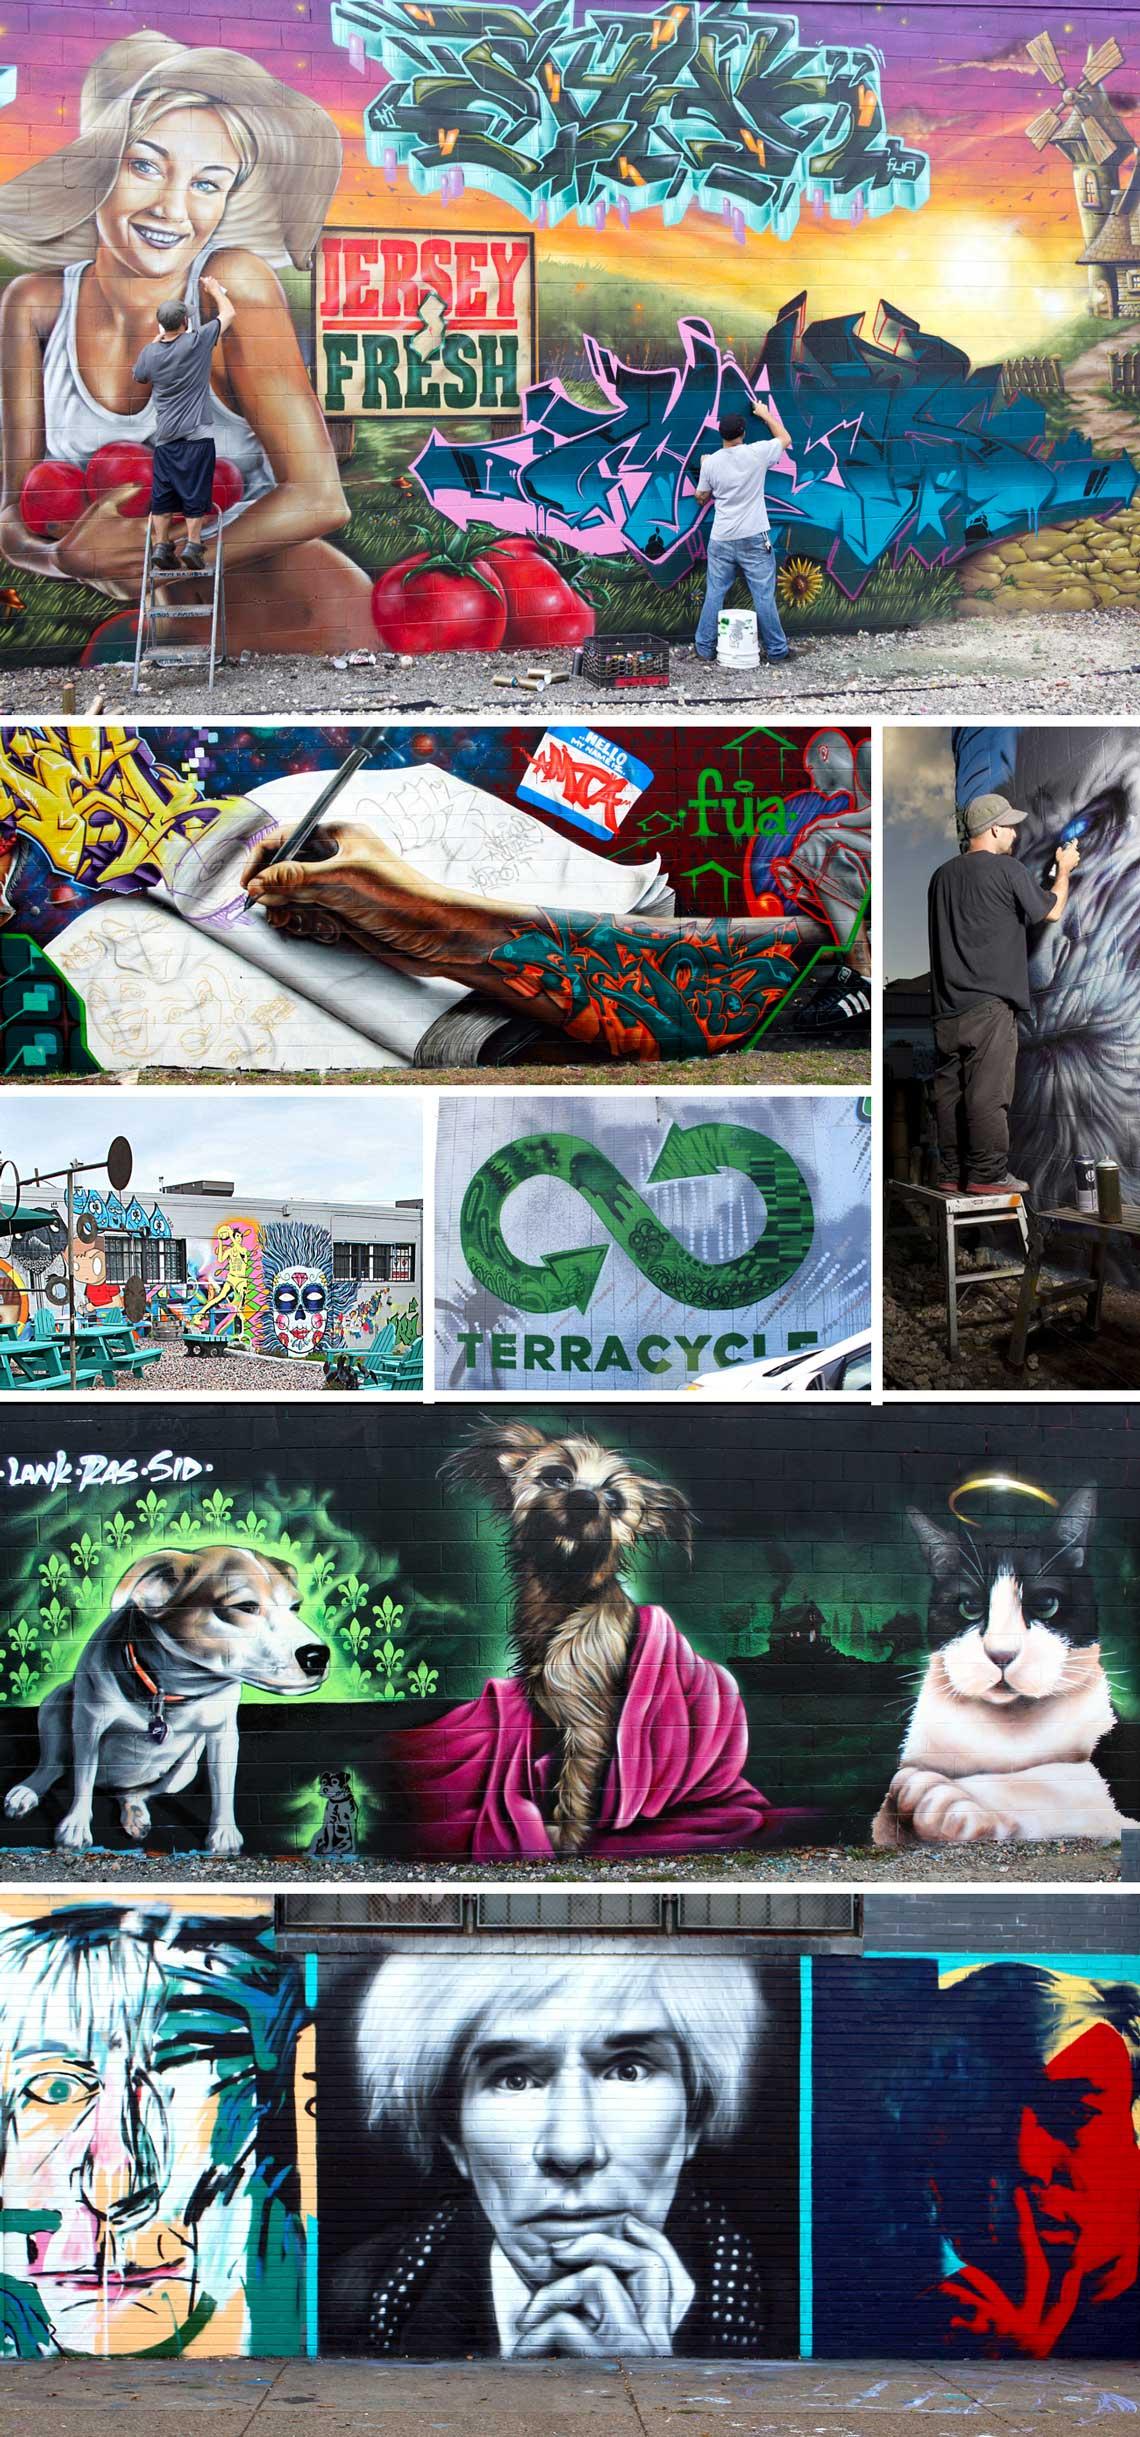 Graffiti collage